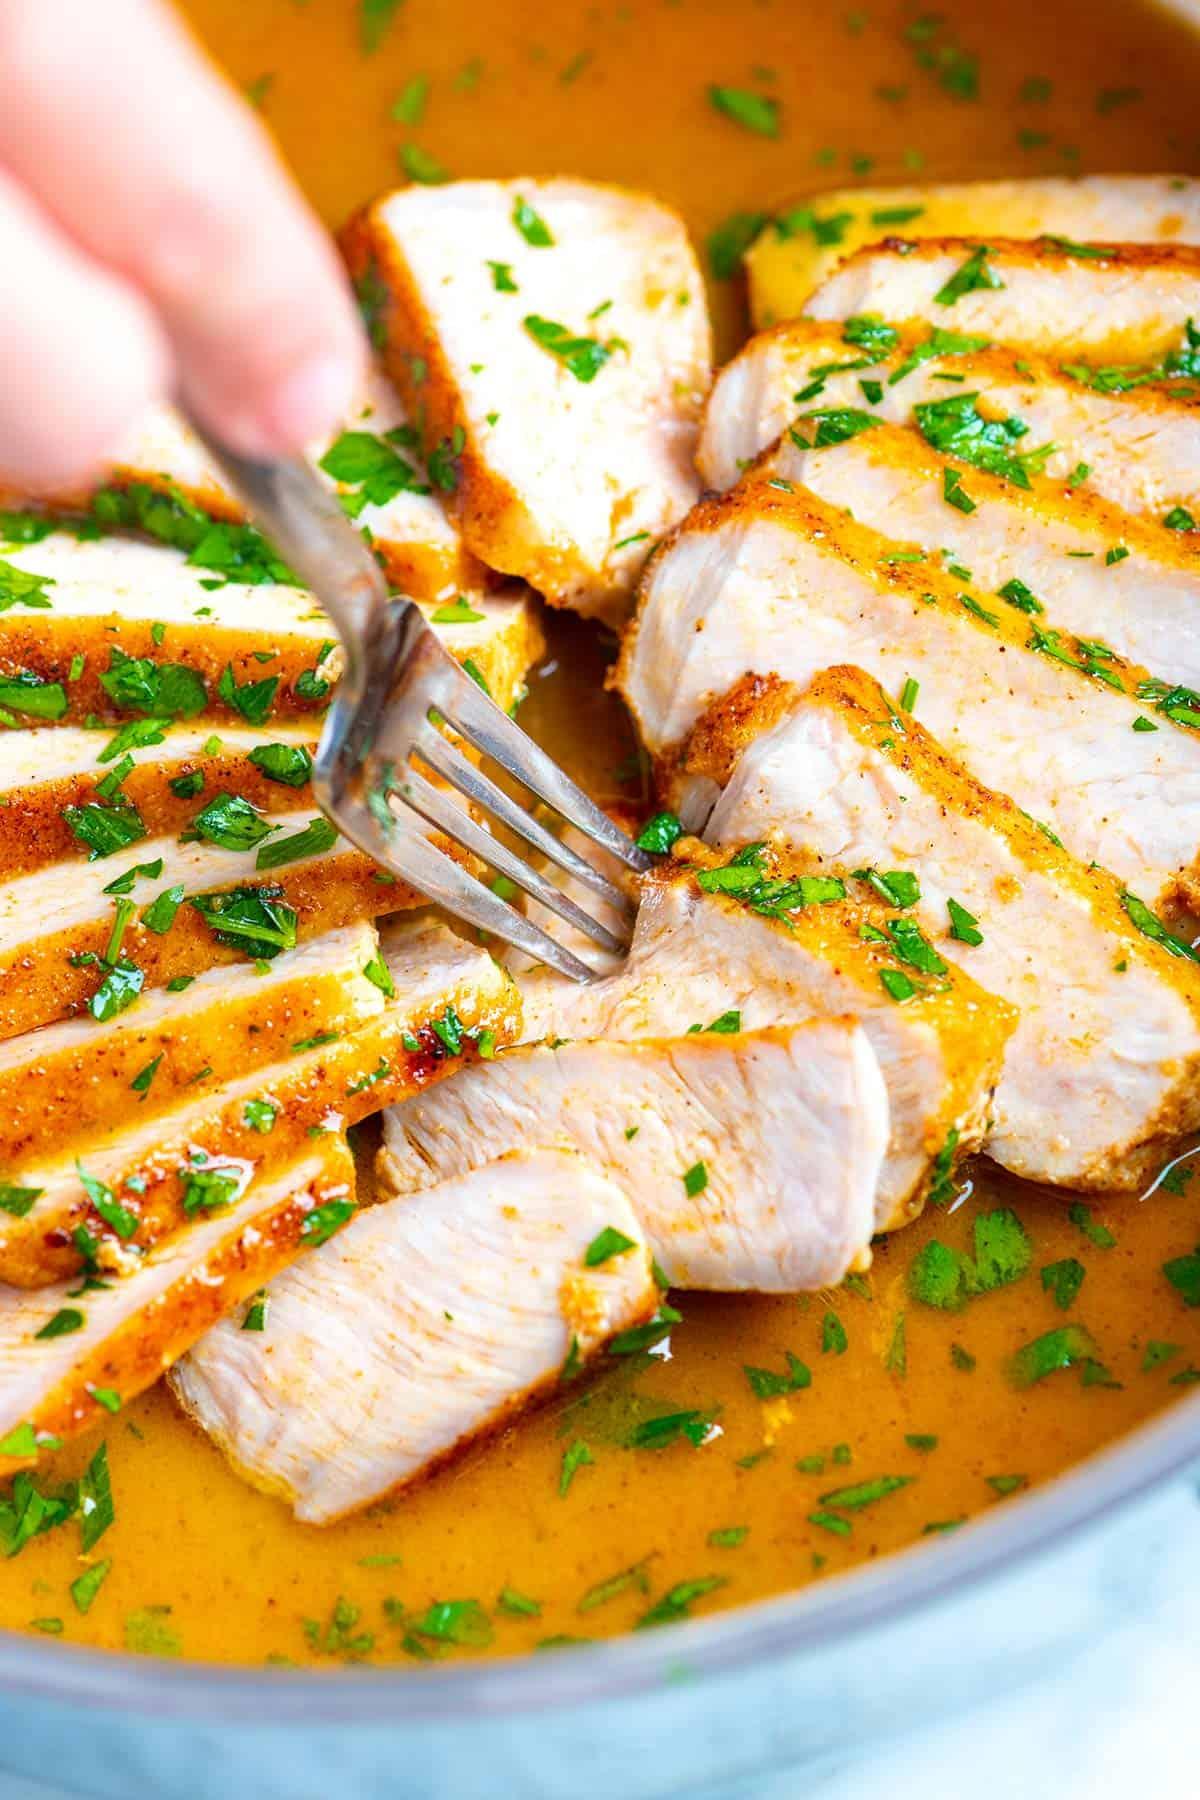 5. Juicy Skillet Pork Chop